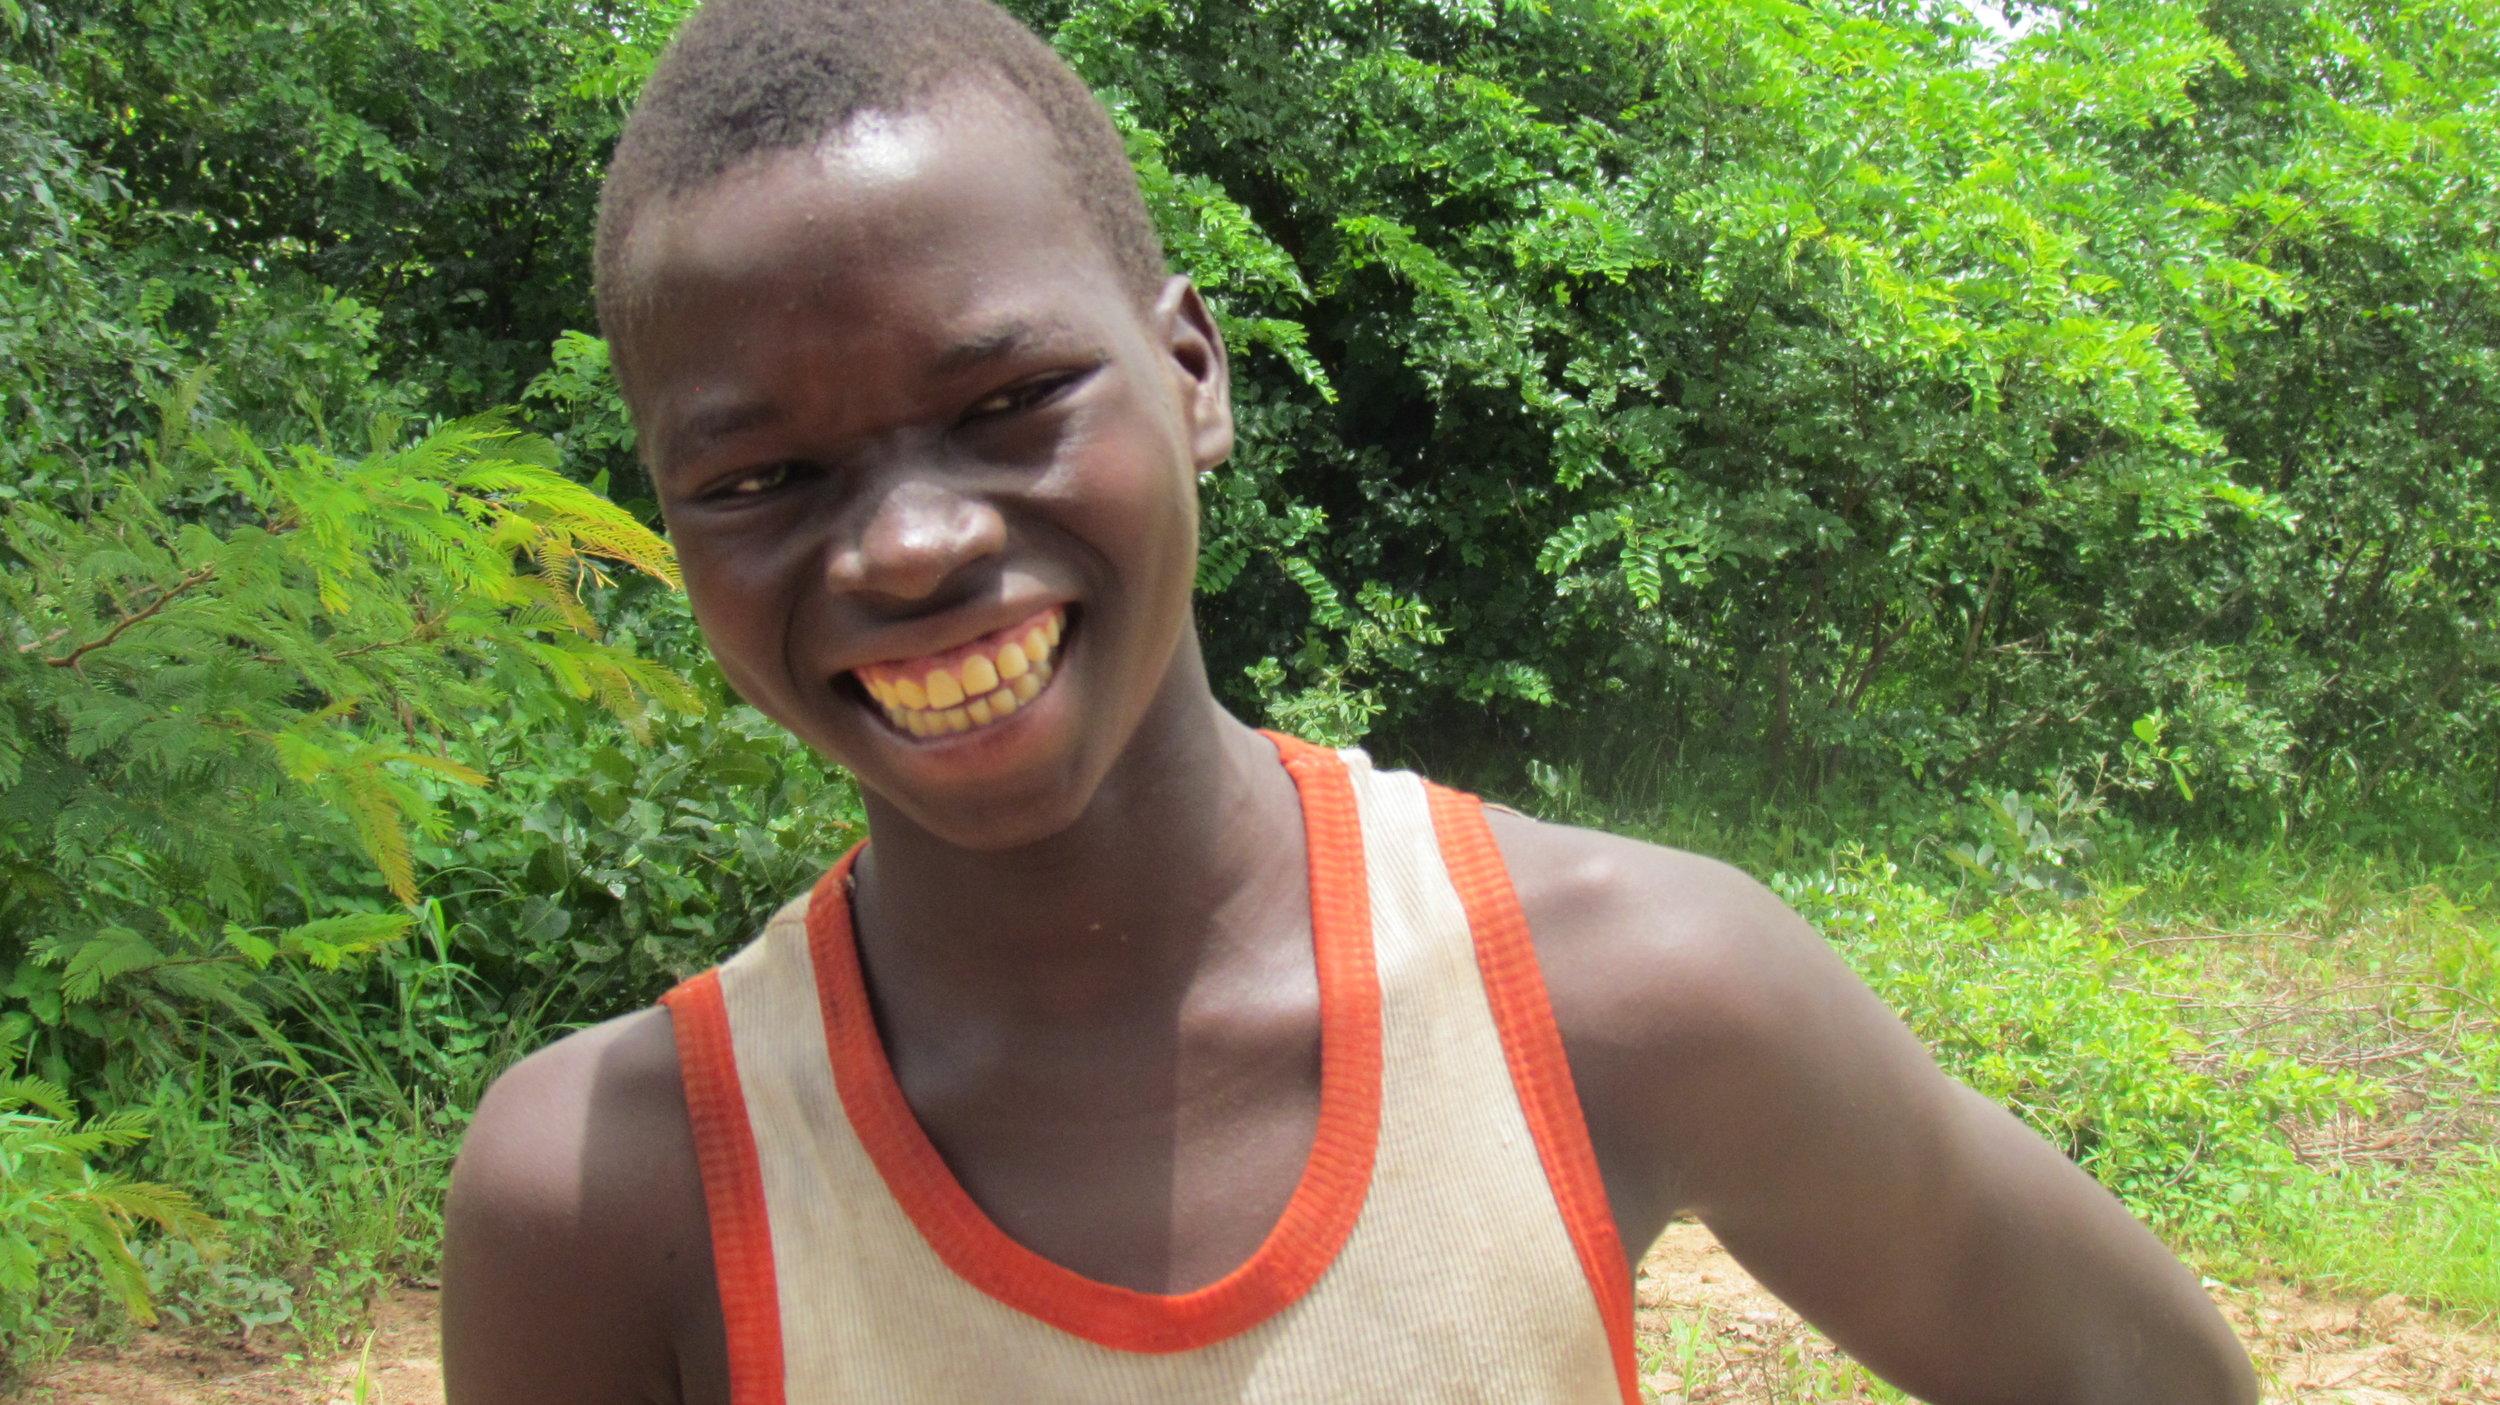 Meet math-loving Boubacar from Zambougou.